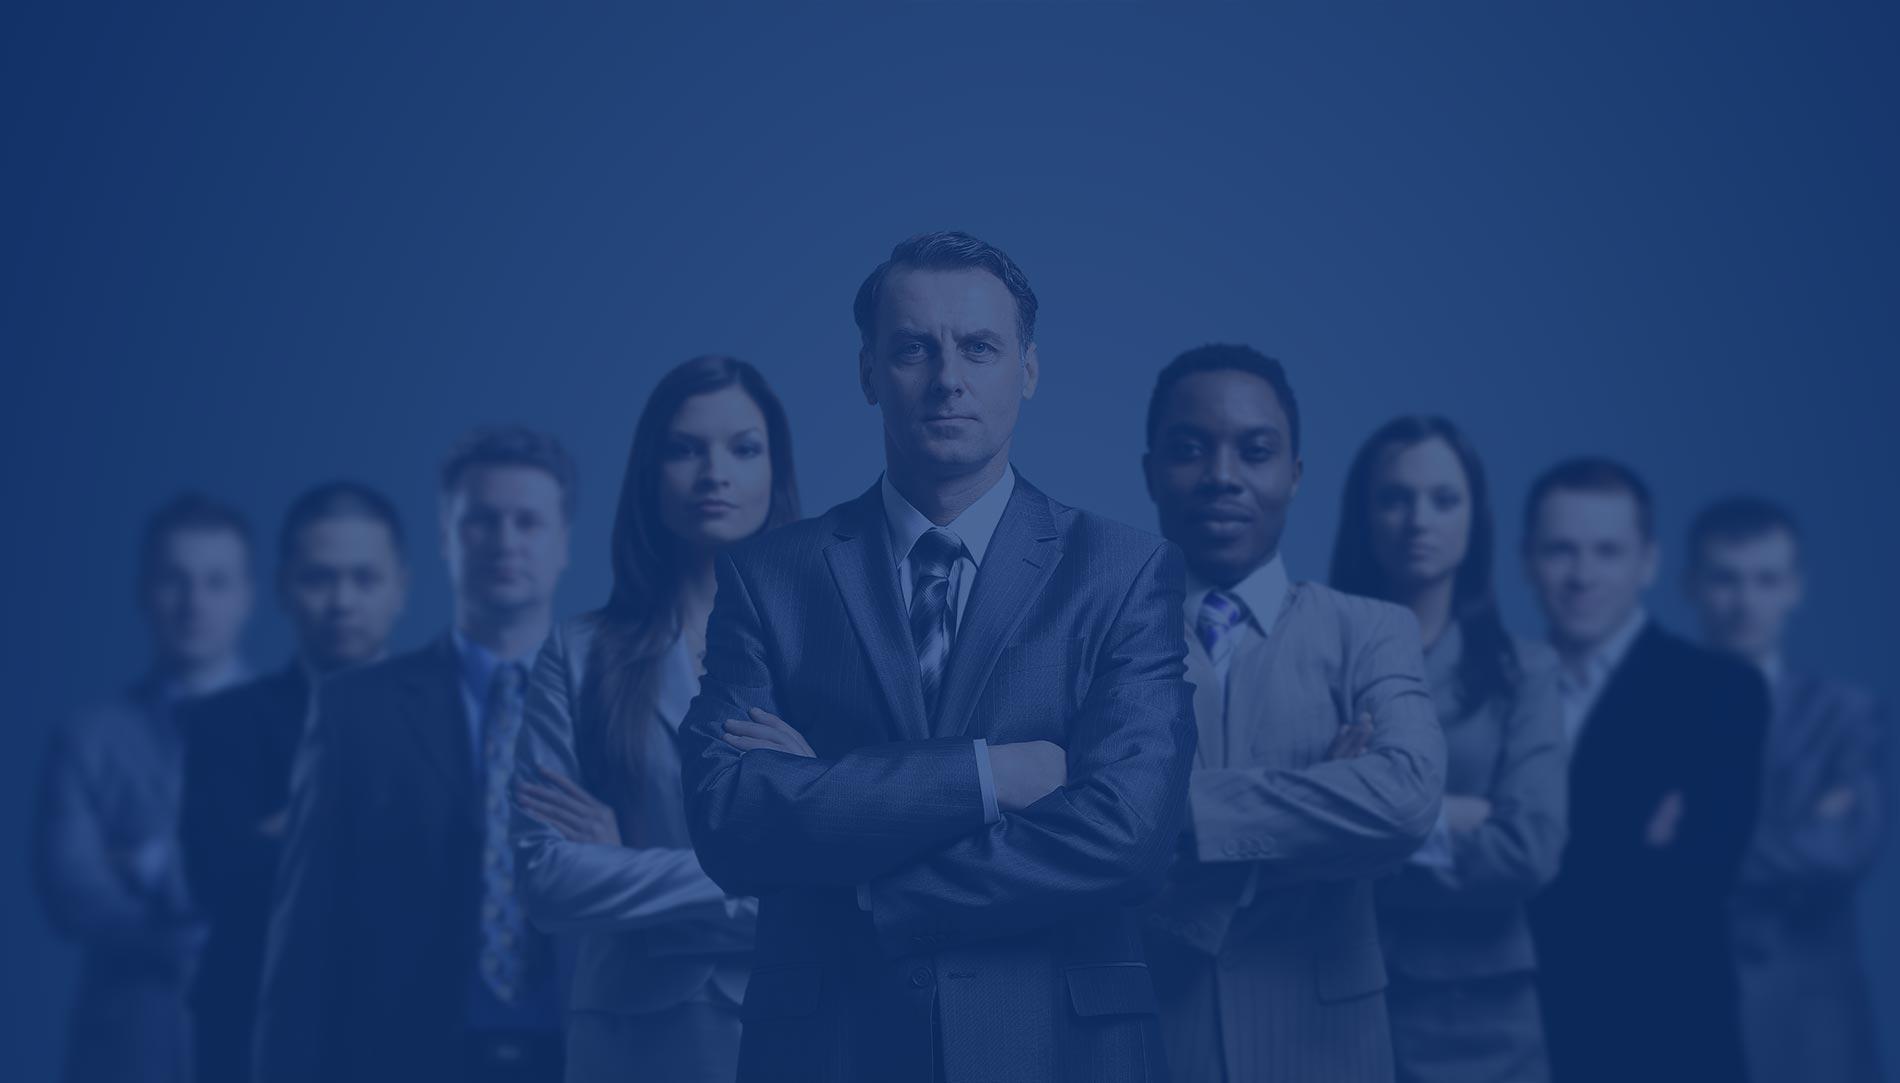 تبدیل شرکت تجاری